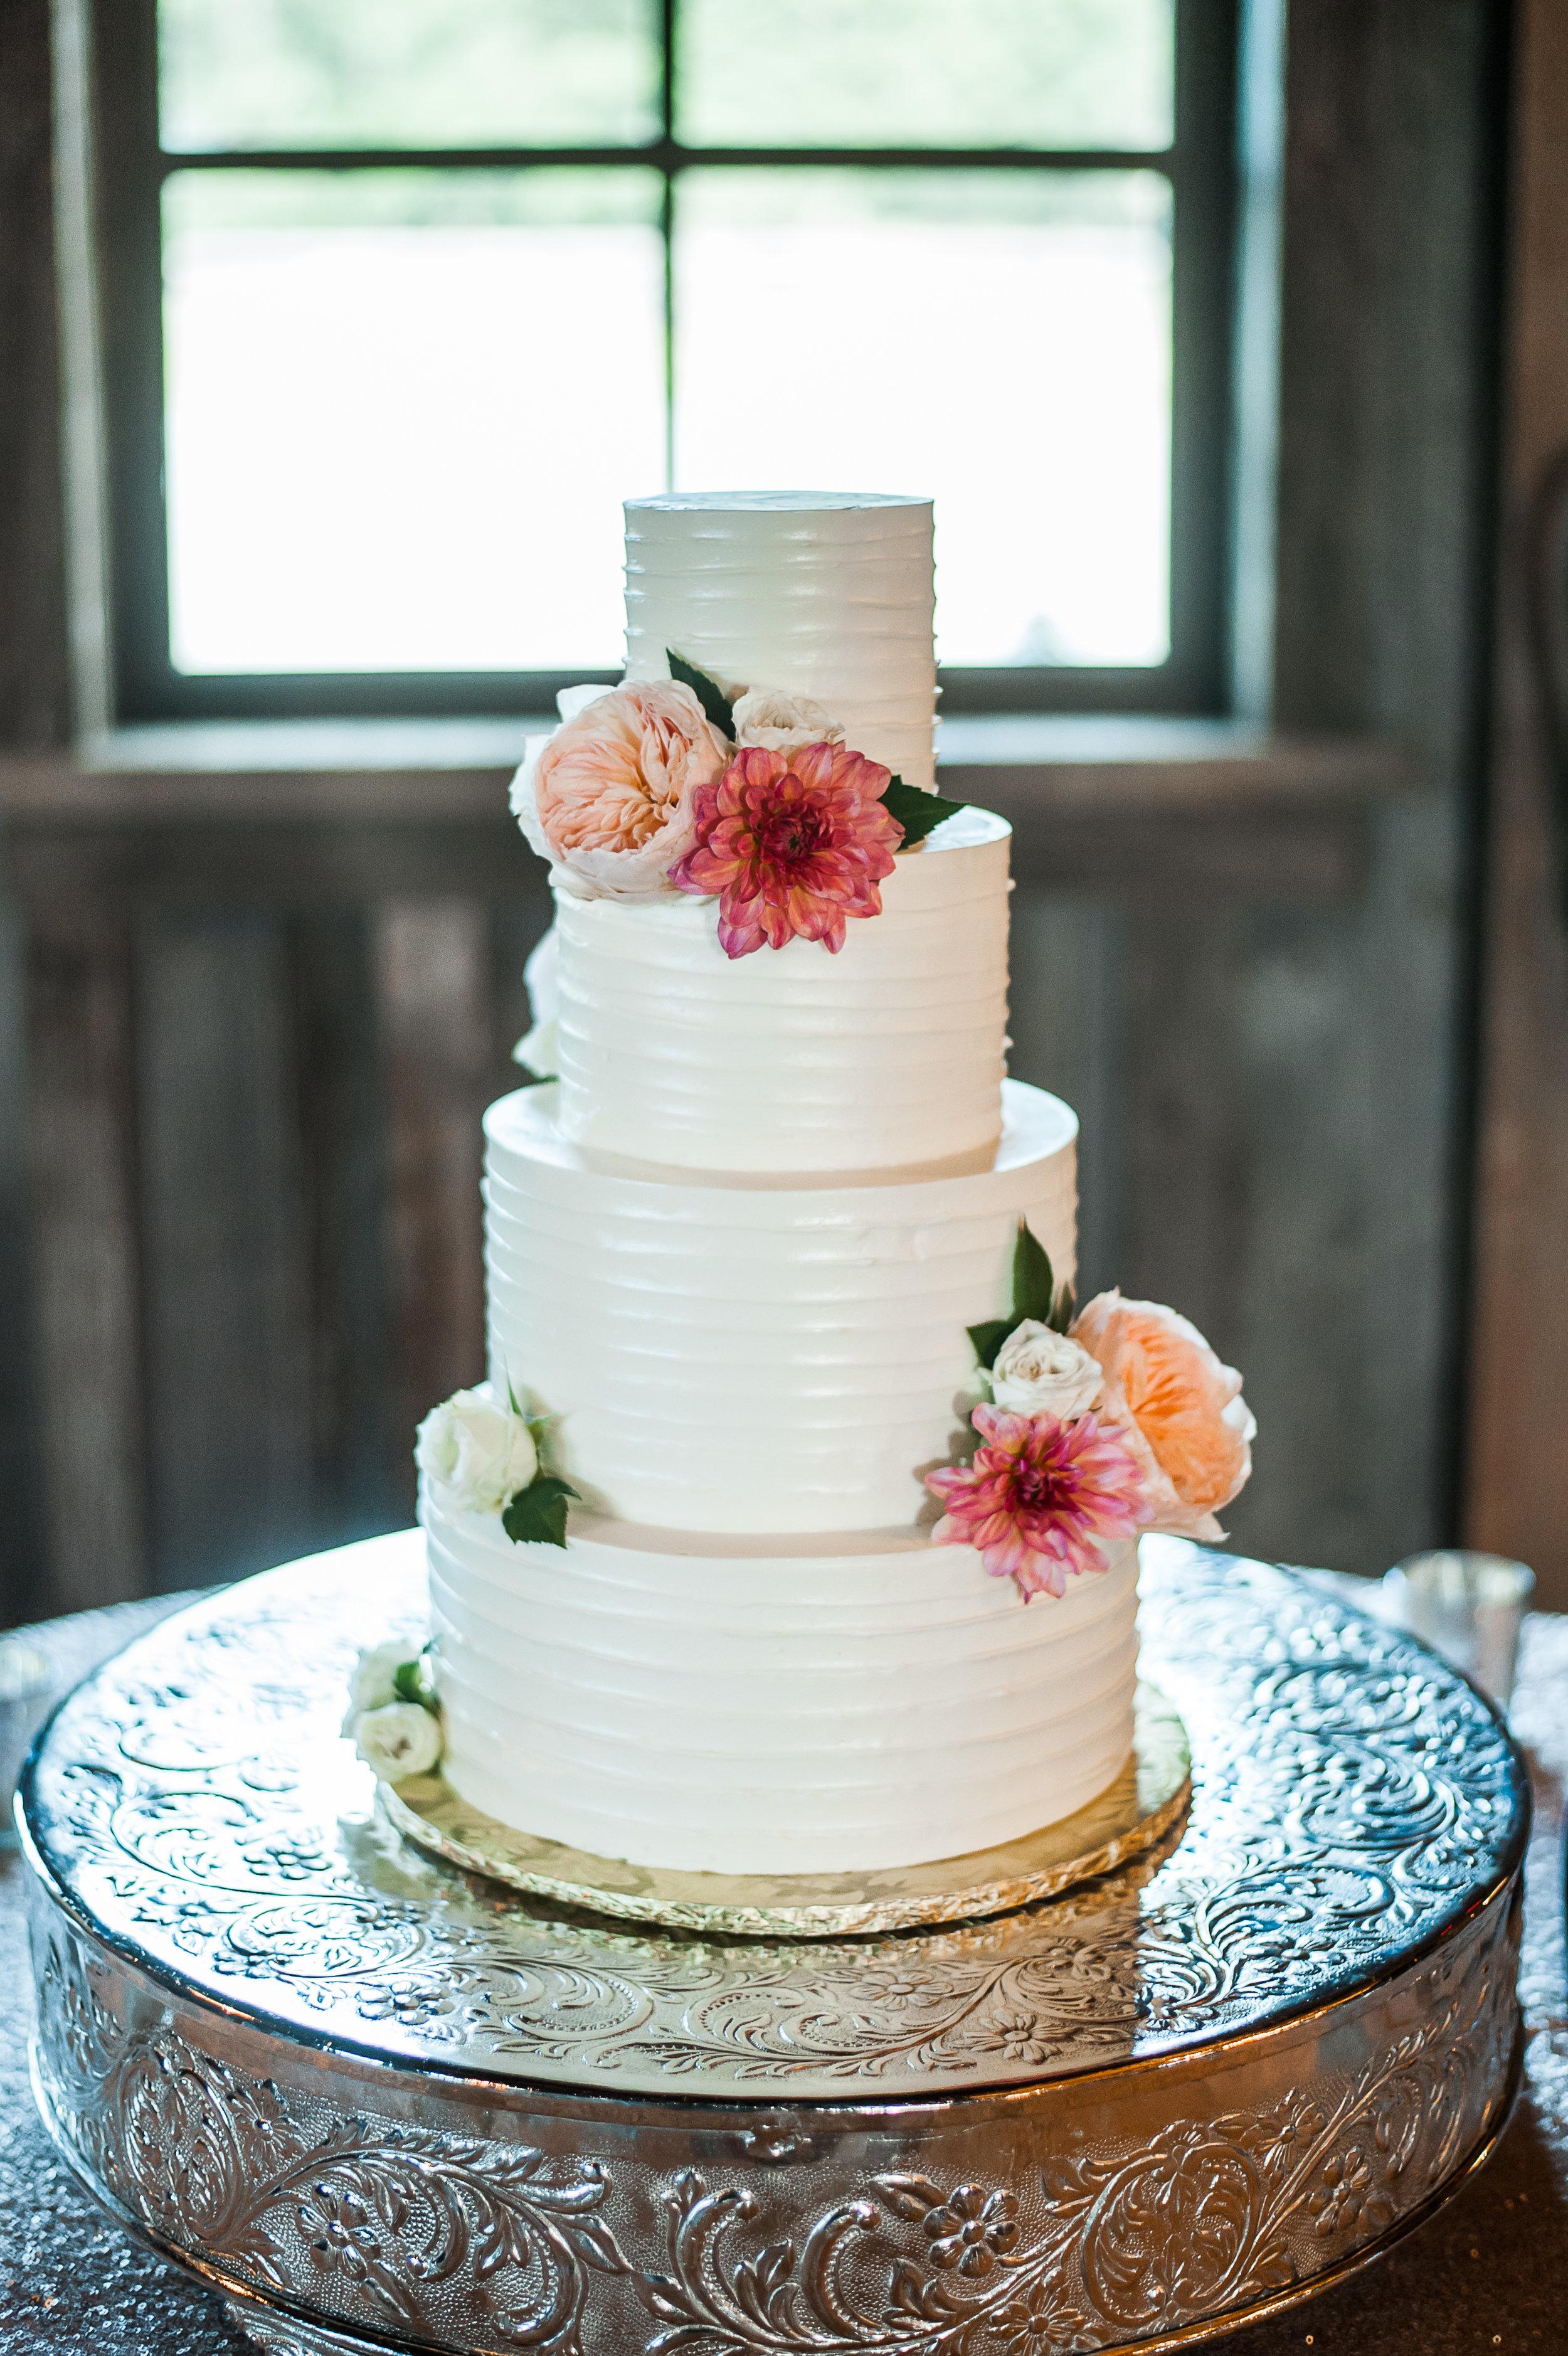 HA-wedding-Van-Wyhe-Photography-298.jpg